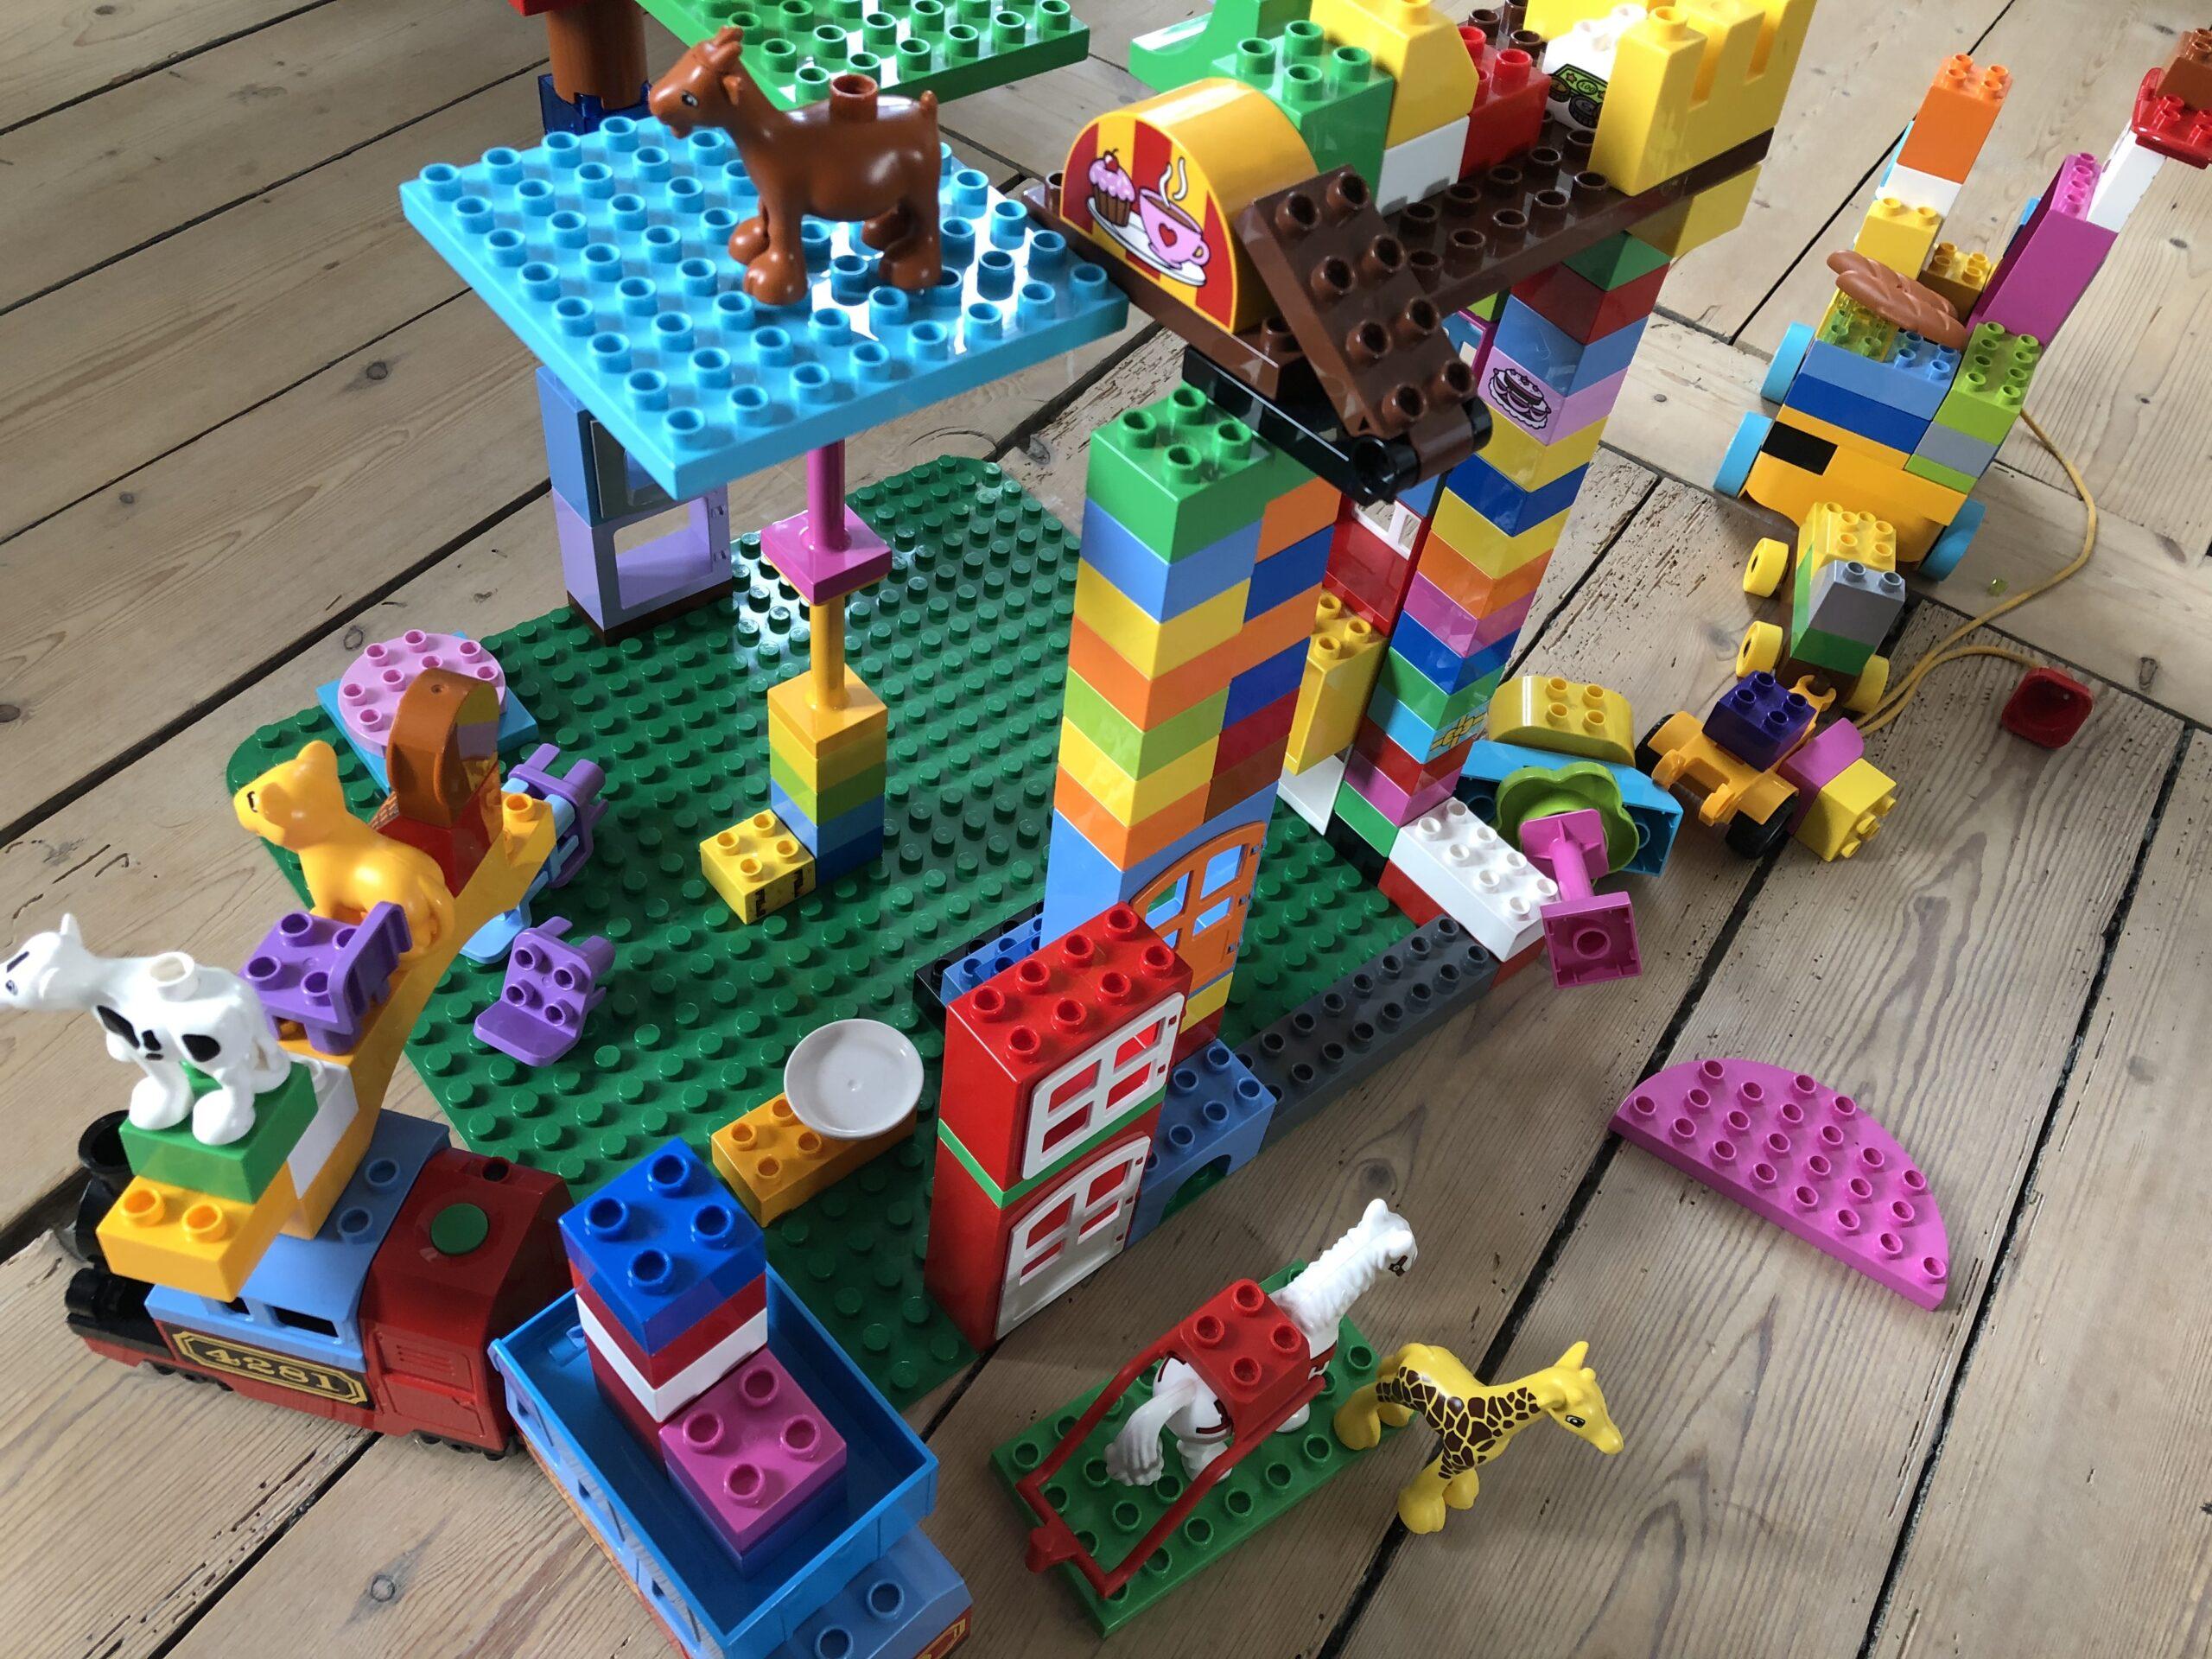 Lego er en god aktivitet for børn